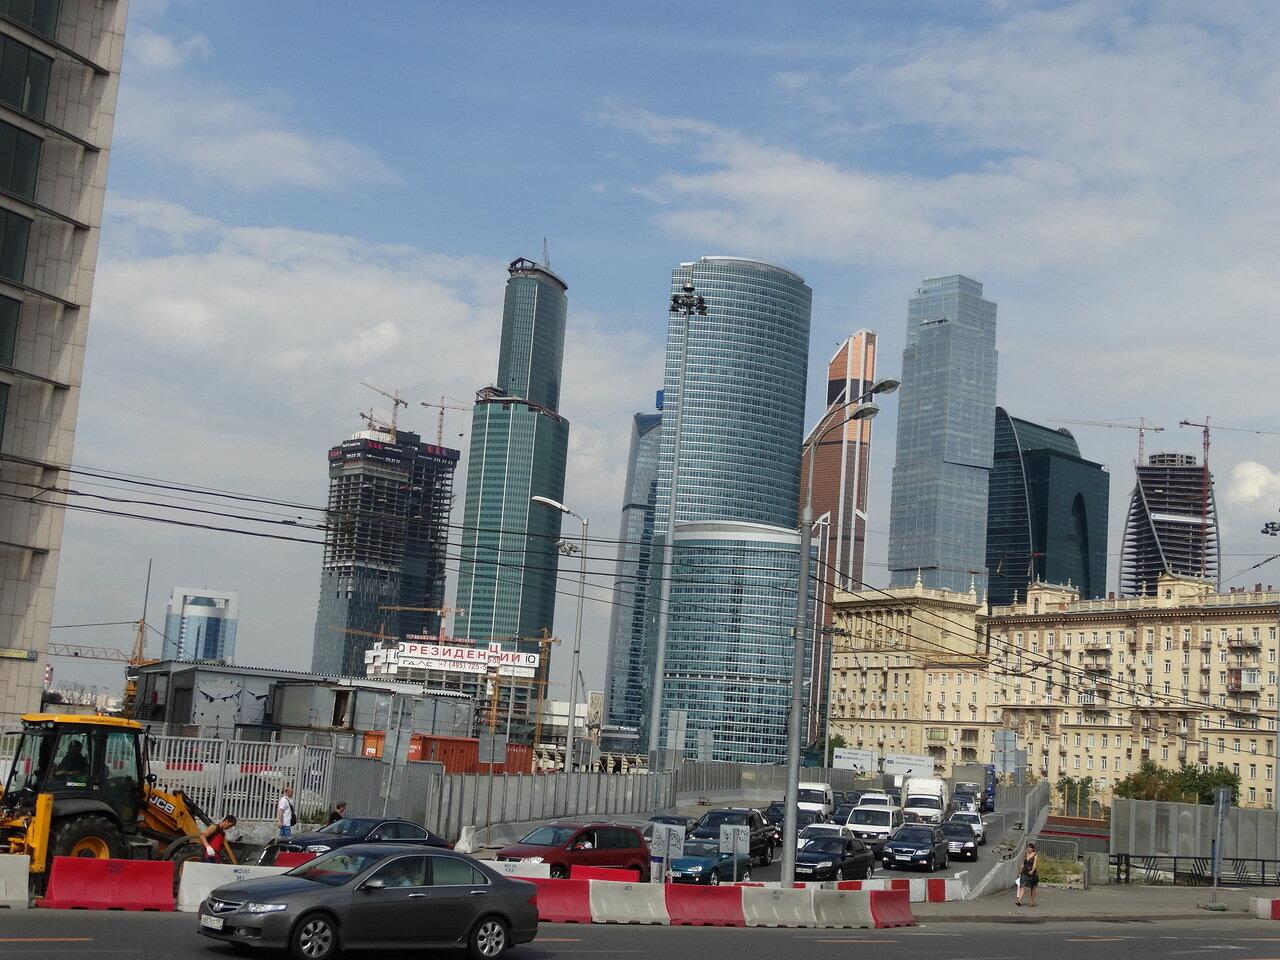 http://img-fotki.yandex.ru/get/6718/8217593.a4/0_9ea14_b2ef3d66_XXXL.jpg